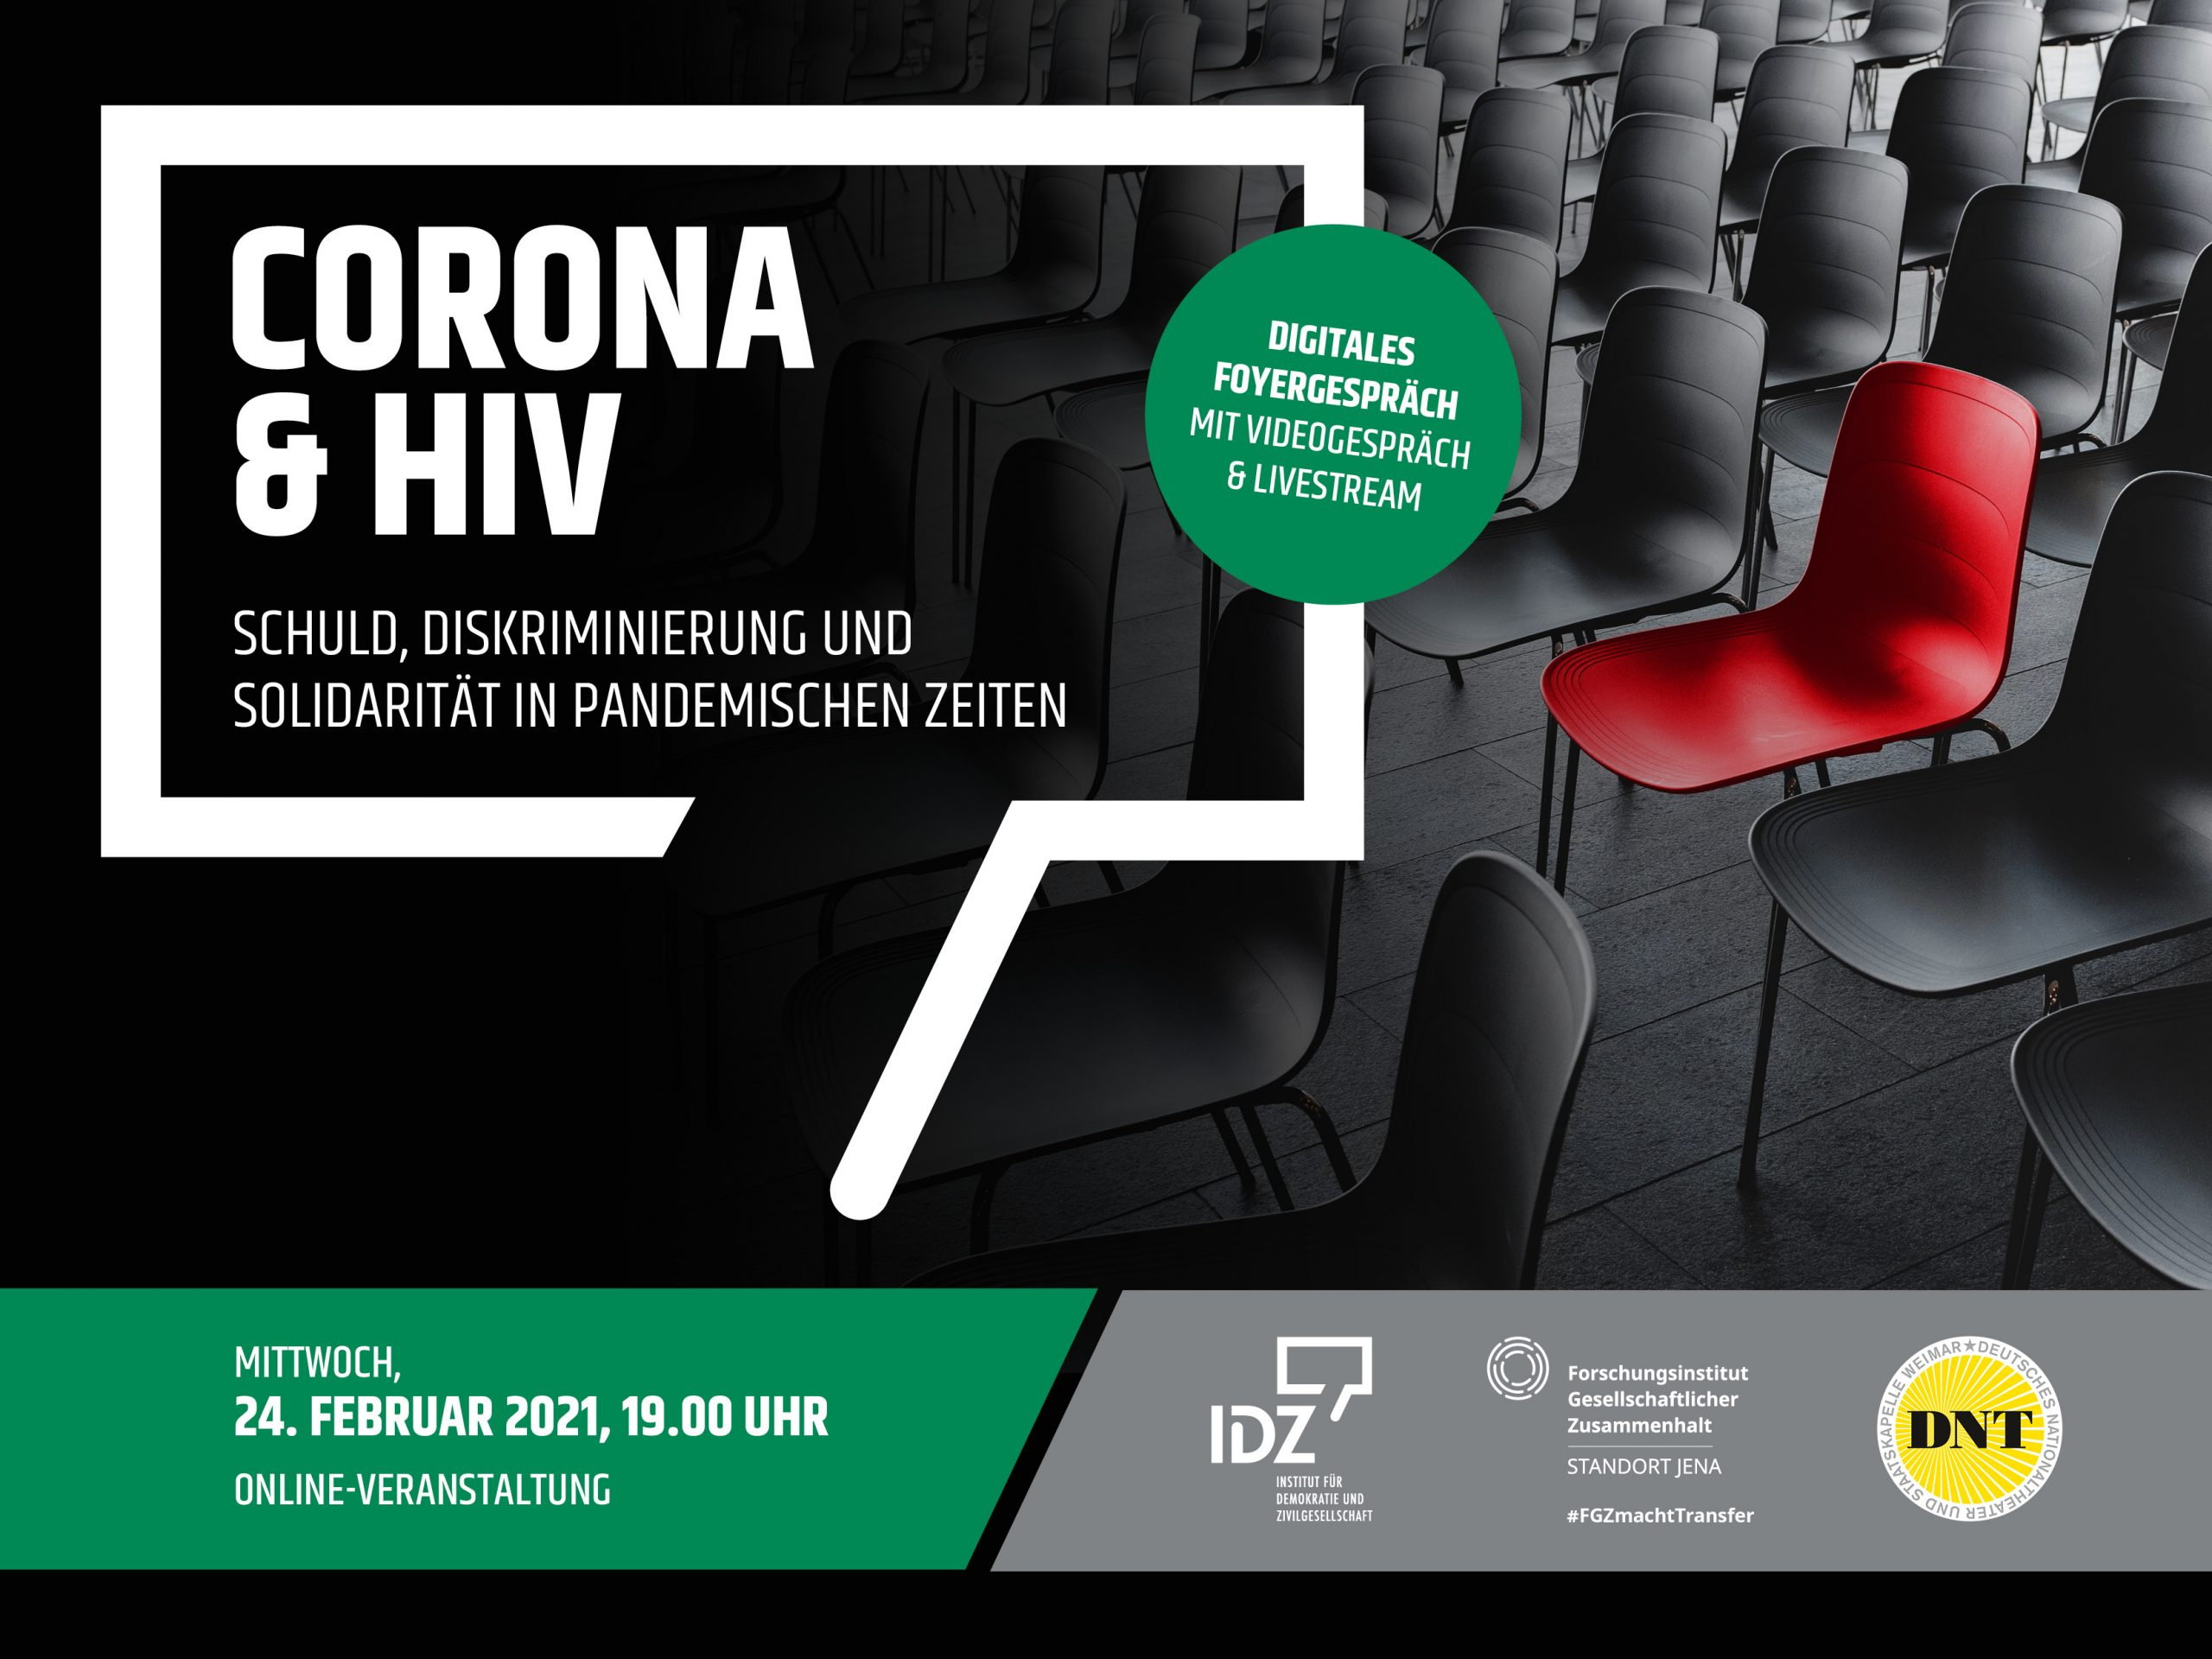 Digitales Foyergespräch Corona und HIV vom Institut für Demokratie und Zivilgesellschaft in Kooperation mit dem Deutschen Nationaltheater Weimar